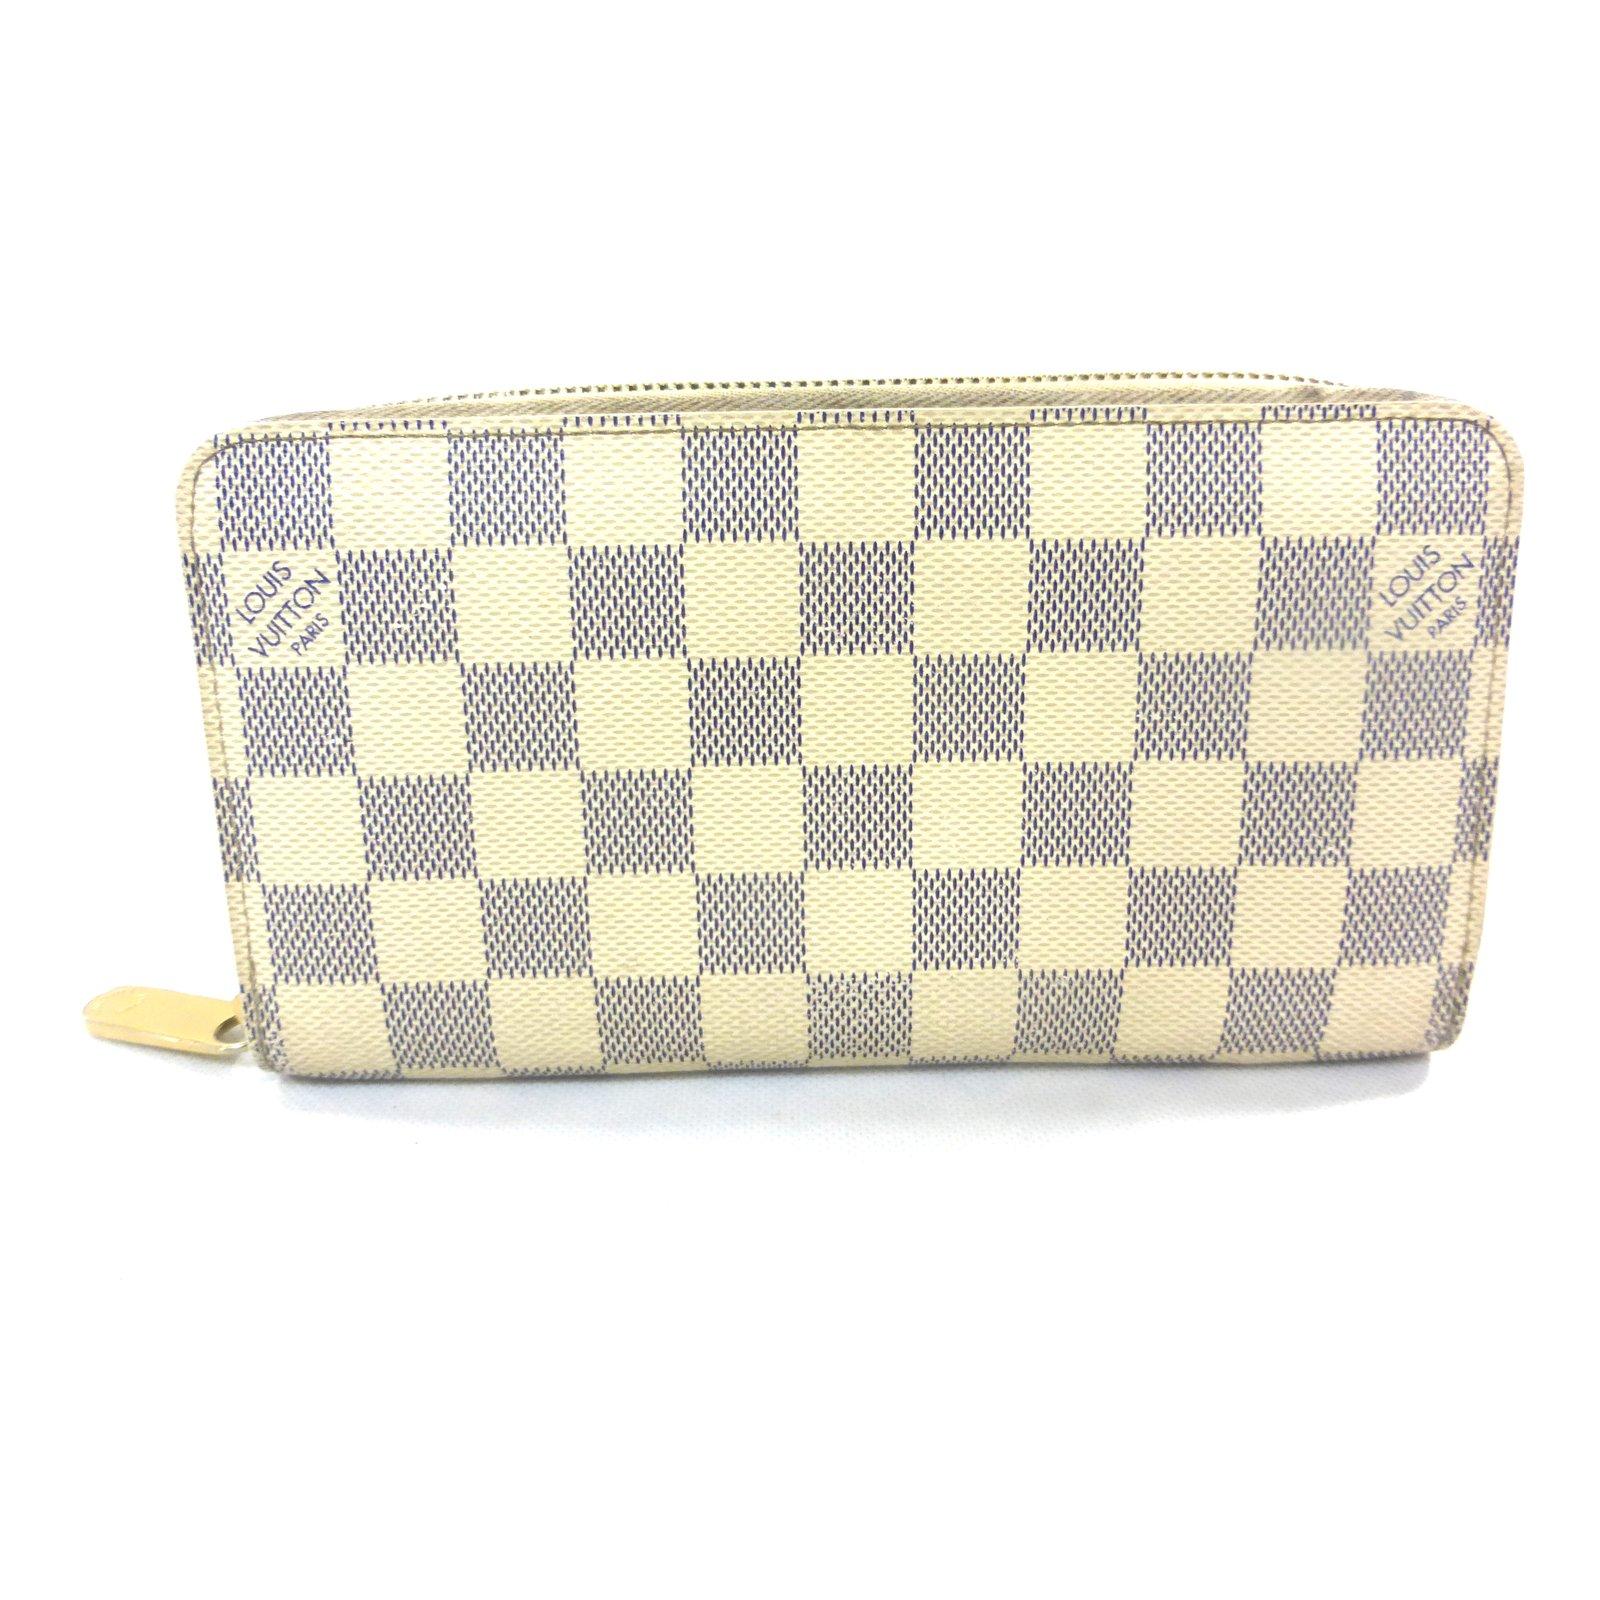 Petite maroquinerie Louis Vuitton Portefeuille zippy damier azur Cuir  Beige,Blanc cassé ref.88778 4c0fb875e9a